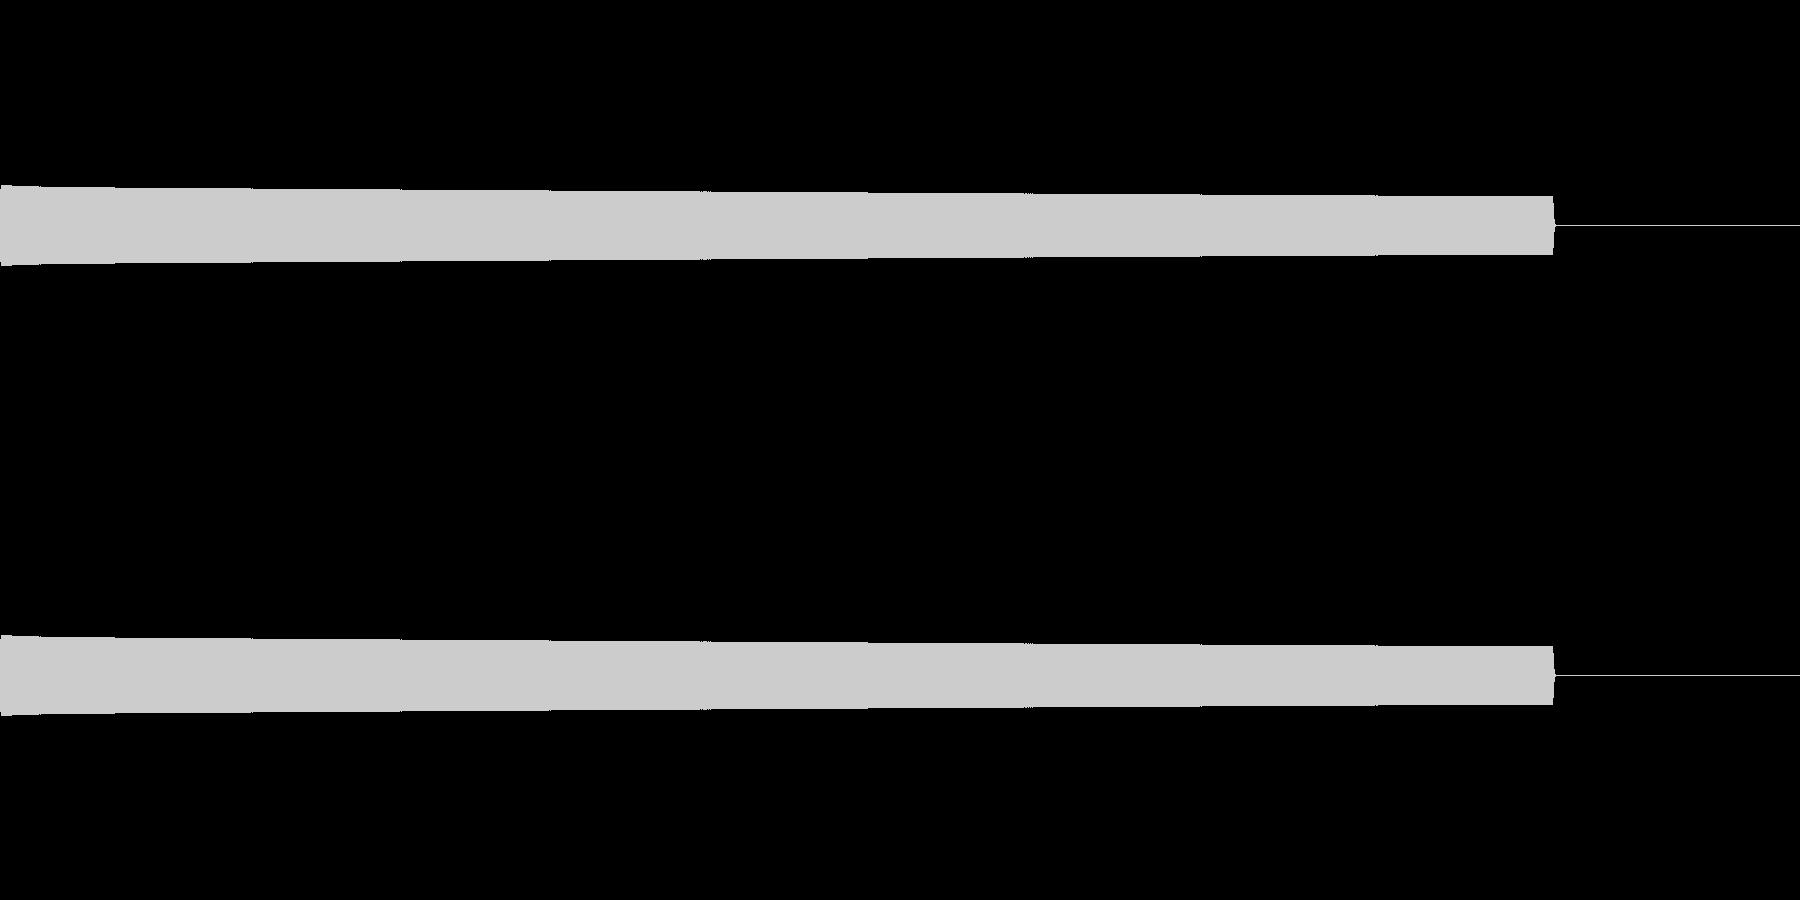 ピーという放送禁止用語を隠す音の未再生の波形